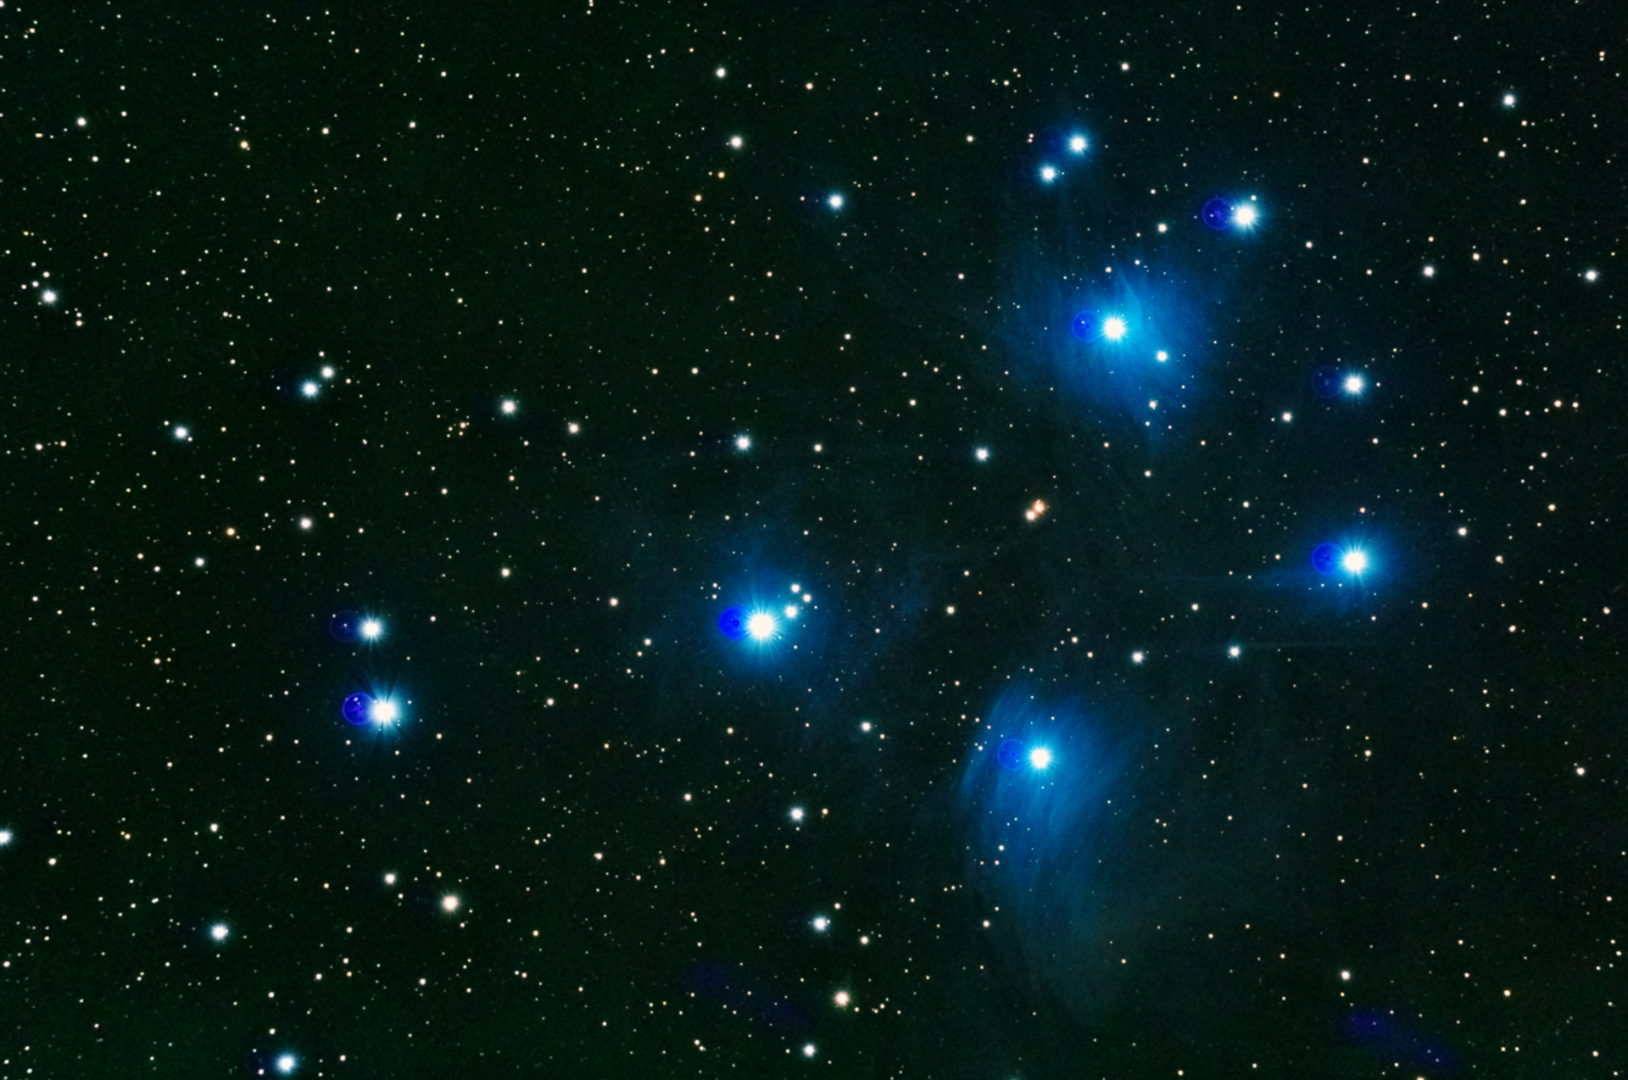 口径15.2cm反射望遠鏡(LXD-55)/F5/PENTAX-KP/ISO25600/カメラダーク/フラットエイドでフラット/露出20秒×32枚を加算平均コンポジットした2017年09月25日02時37分51秒から撮影したM45(すばる・プレアデス星団)のメシエ天体写真です。